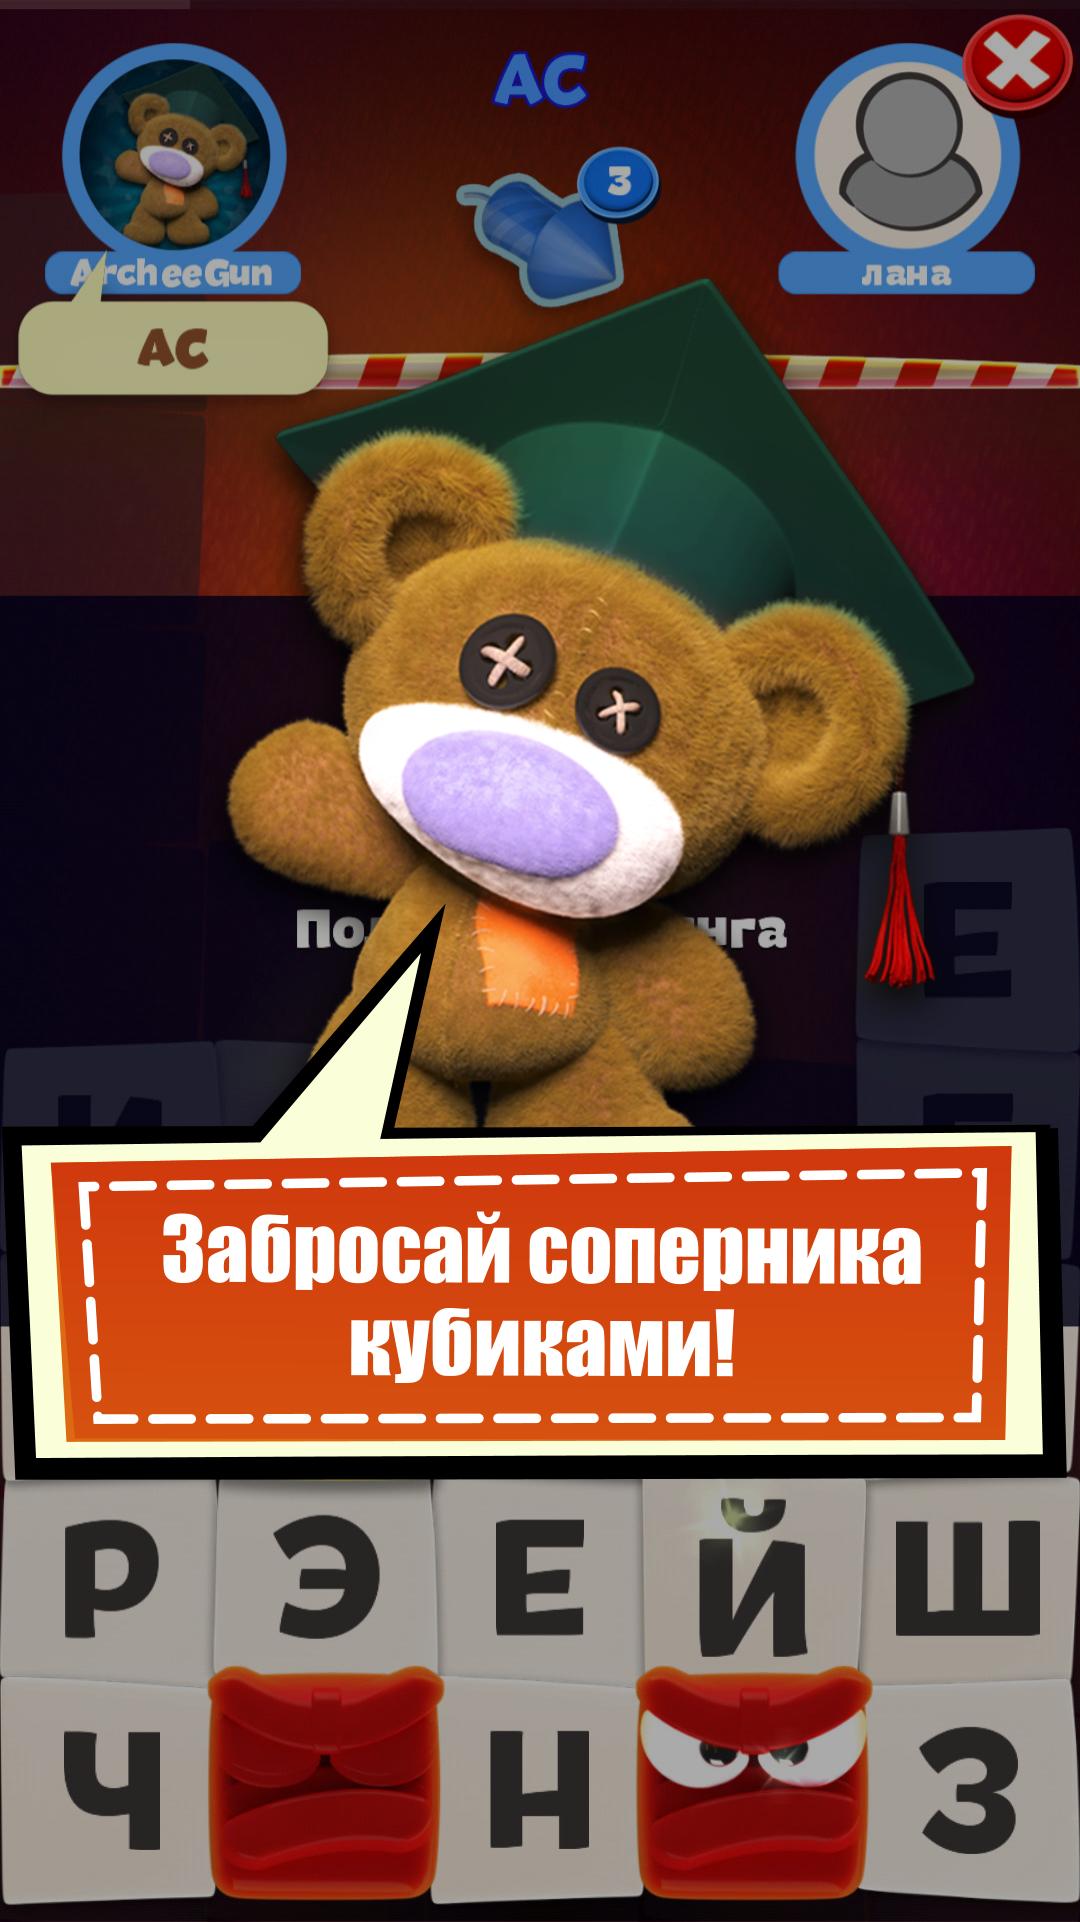 toywords_скриншот_забросай_соперника_кубиками_battle_дуэль